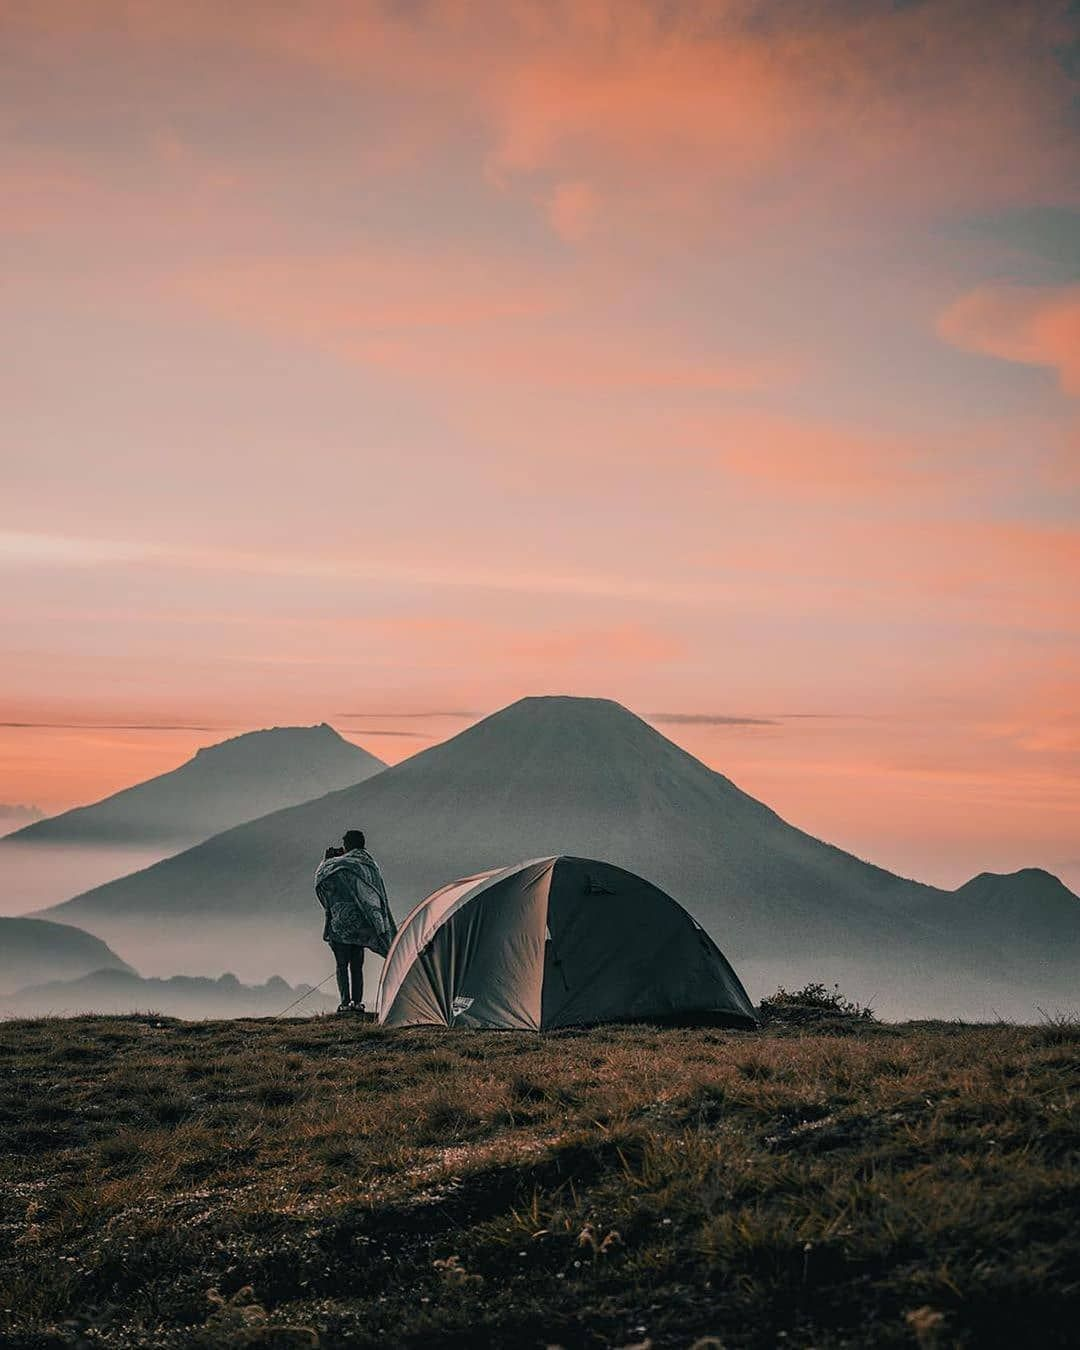 Berkemah Di Puncak Gunung Adalah Pengalaman Khusus Yang Setiap Orang Perlu Rasakan Setidaknya Sekali Dalam Ke Pemandangan Fotografi Alam Fotografi Perjalanan